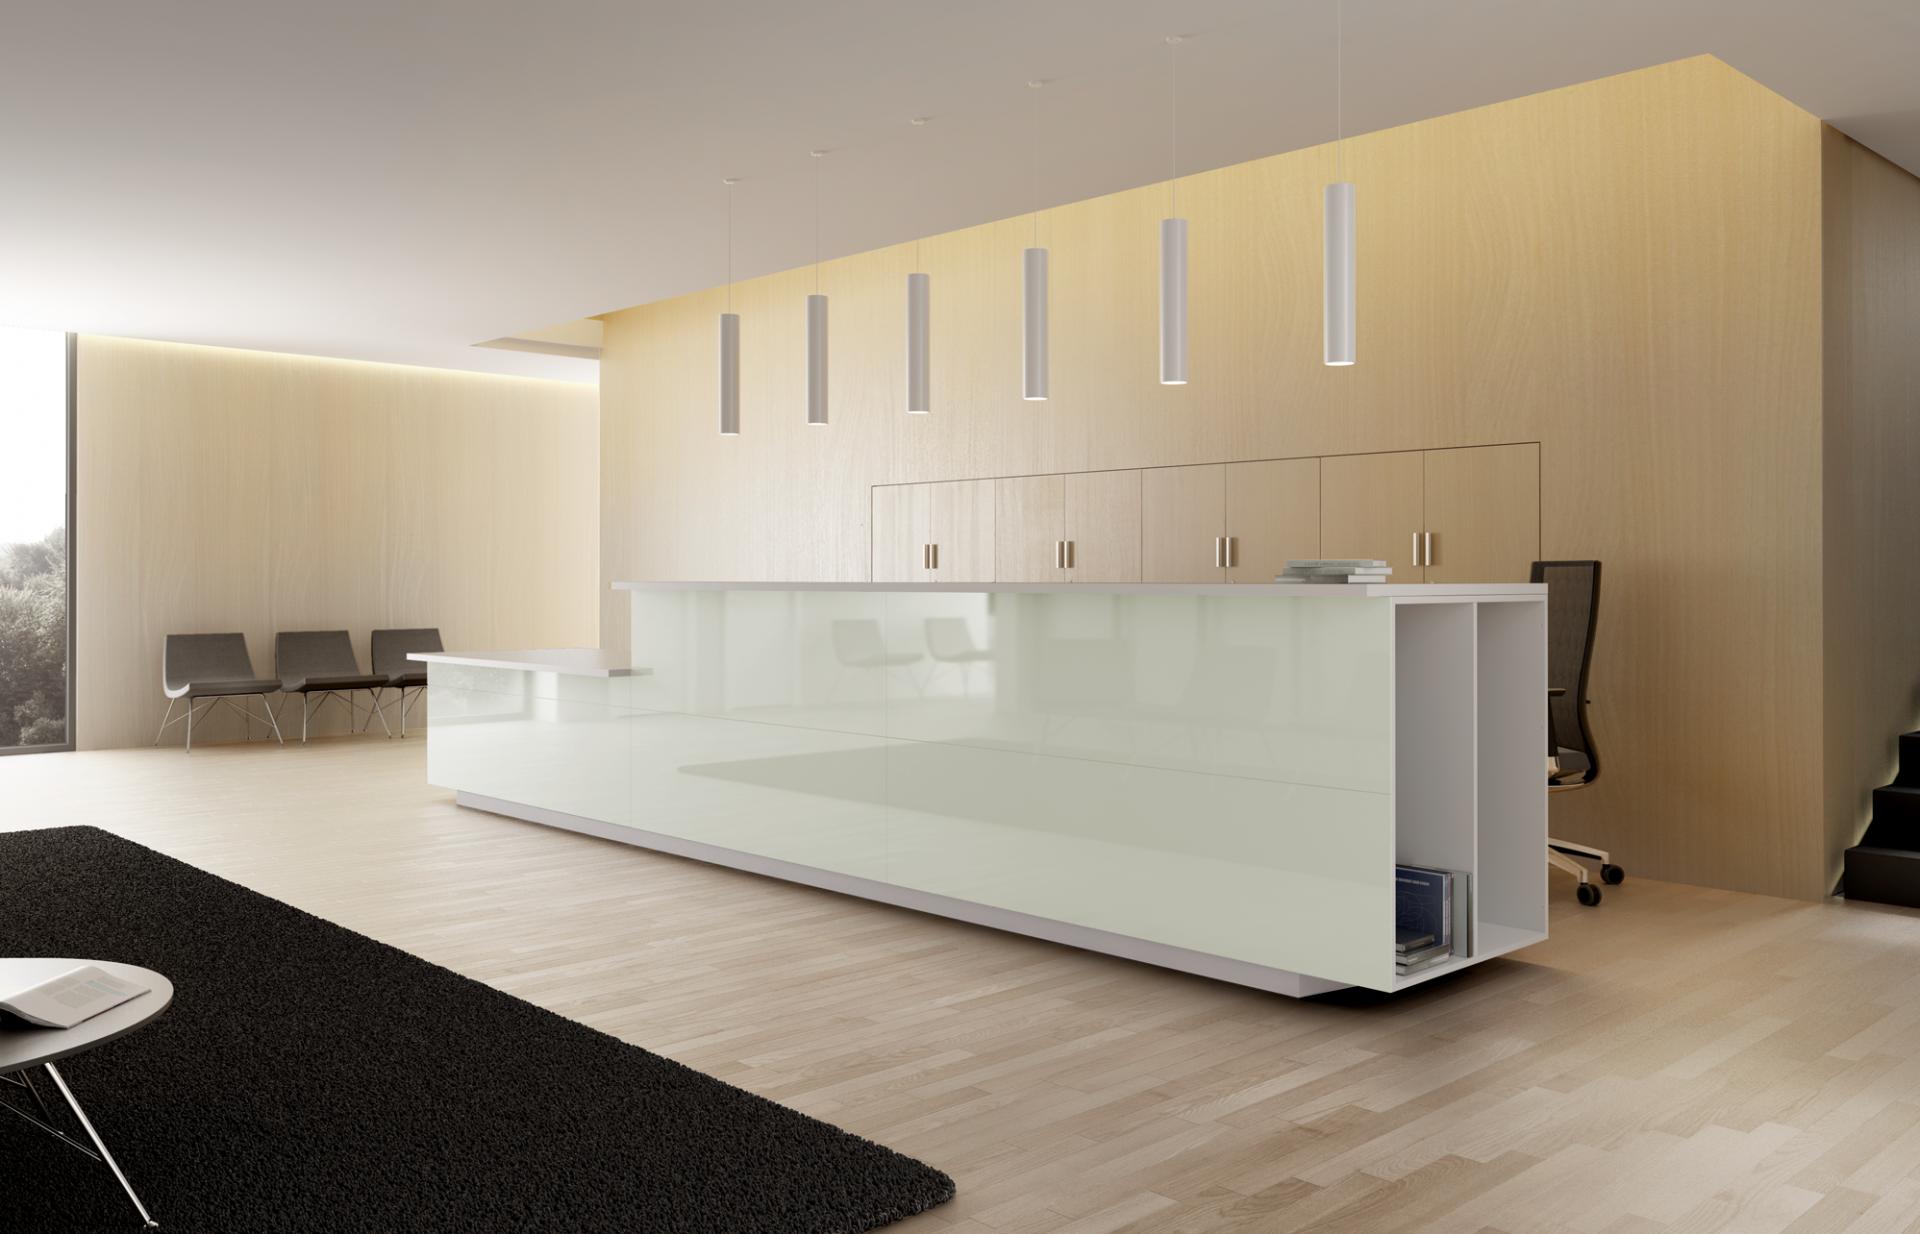 Banque d accueil moderne et modulable réception modèles design